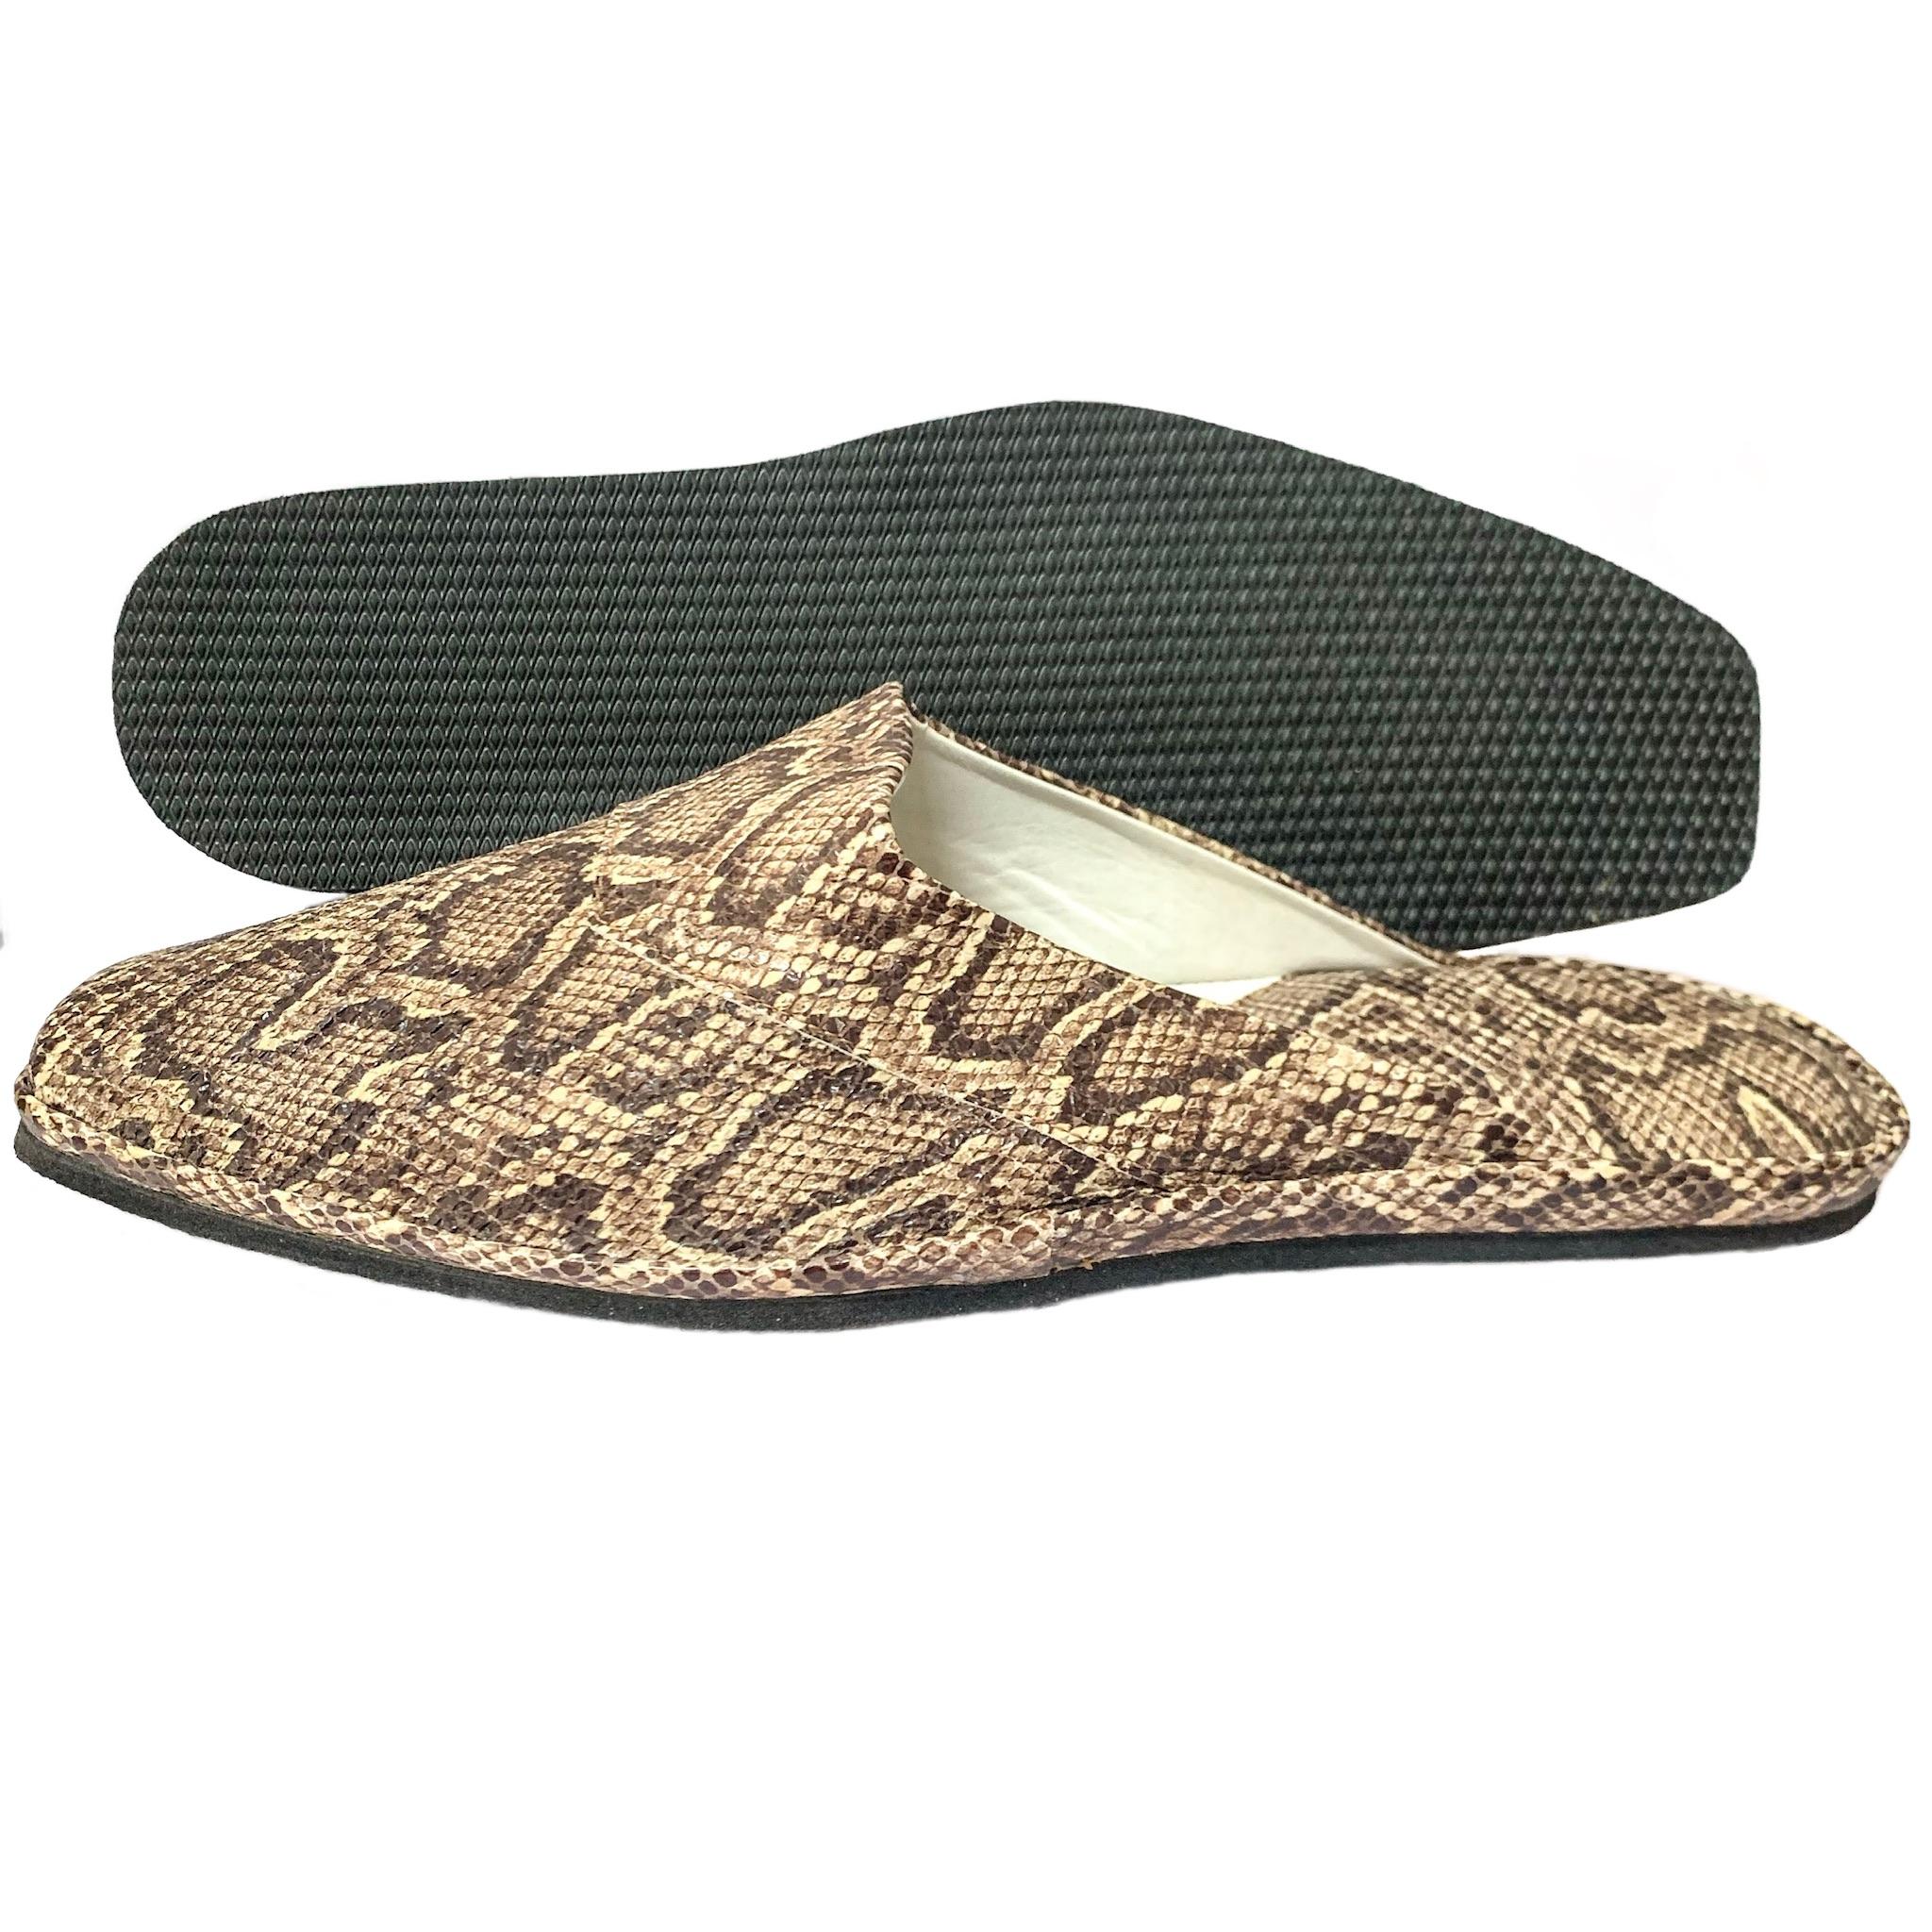 Комнатные тапочки Pellagio 903 коричневая змея 40 размер